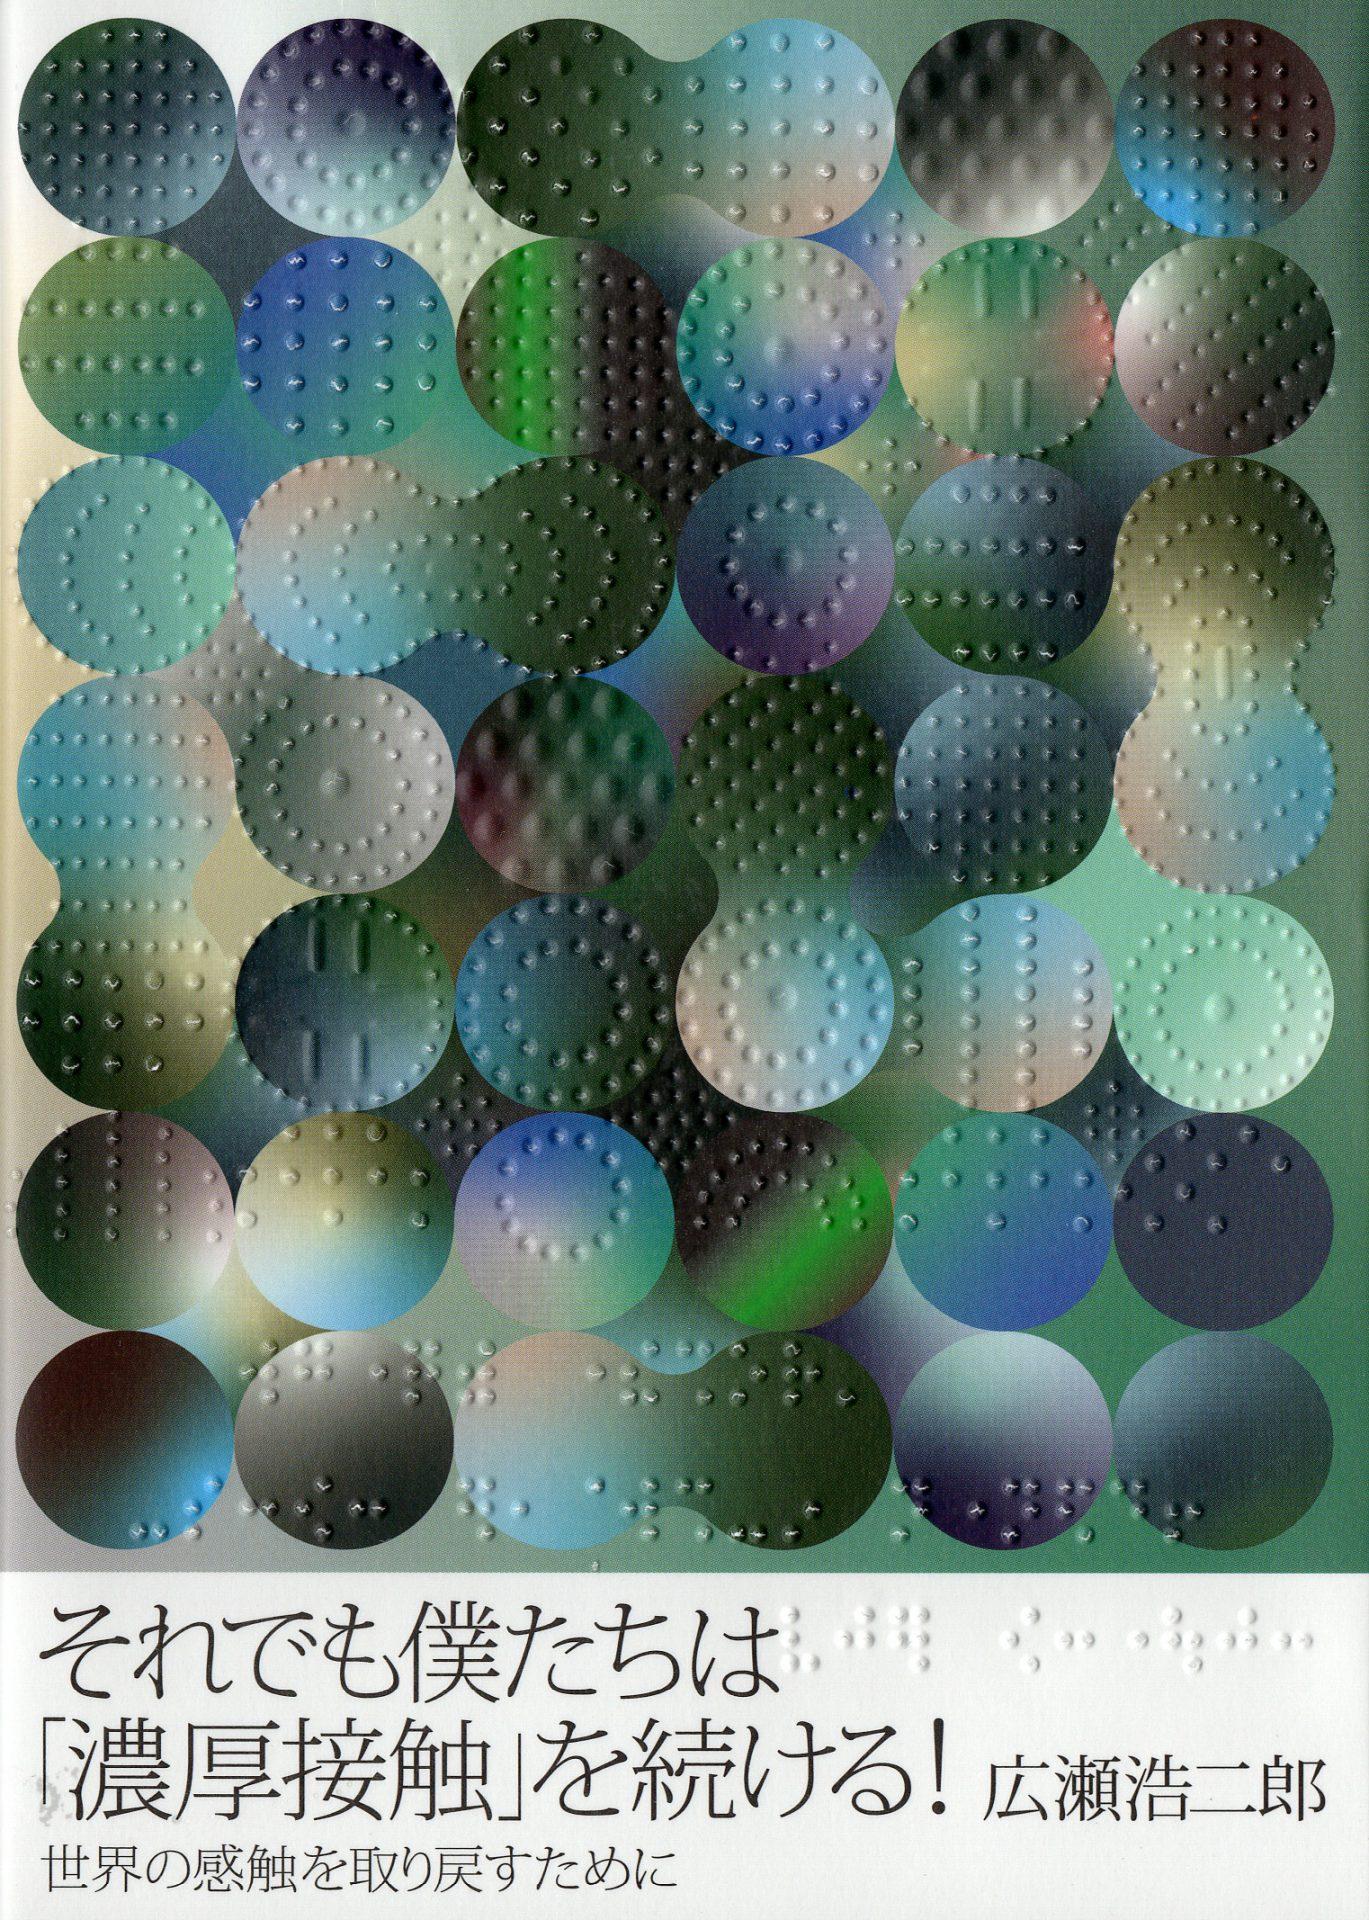 廣瀬さんの書籍の書影、表紙には緑と青の丸が散りばめられたグラフィックとその丸模様に沿うような点字の模様が散りばめられており、視覚的にも触覚的にも楽しいデザインになっています。